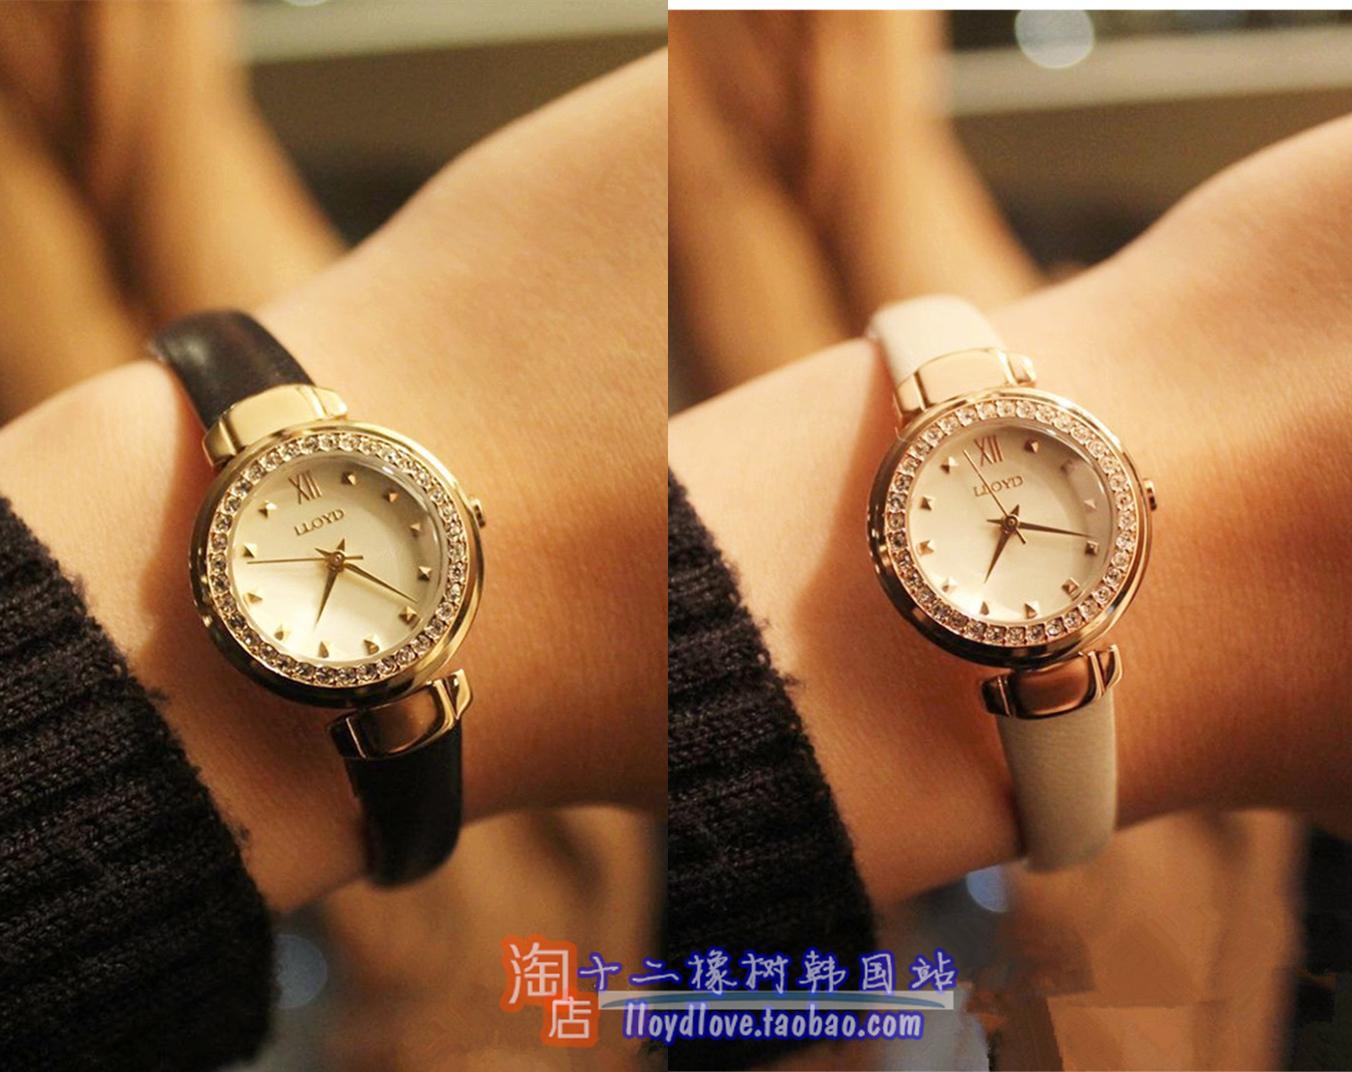 韩国新款休闲饰品lloyd时尚女表特价女款内外镶钻表红白色藏青22